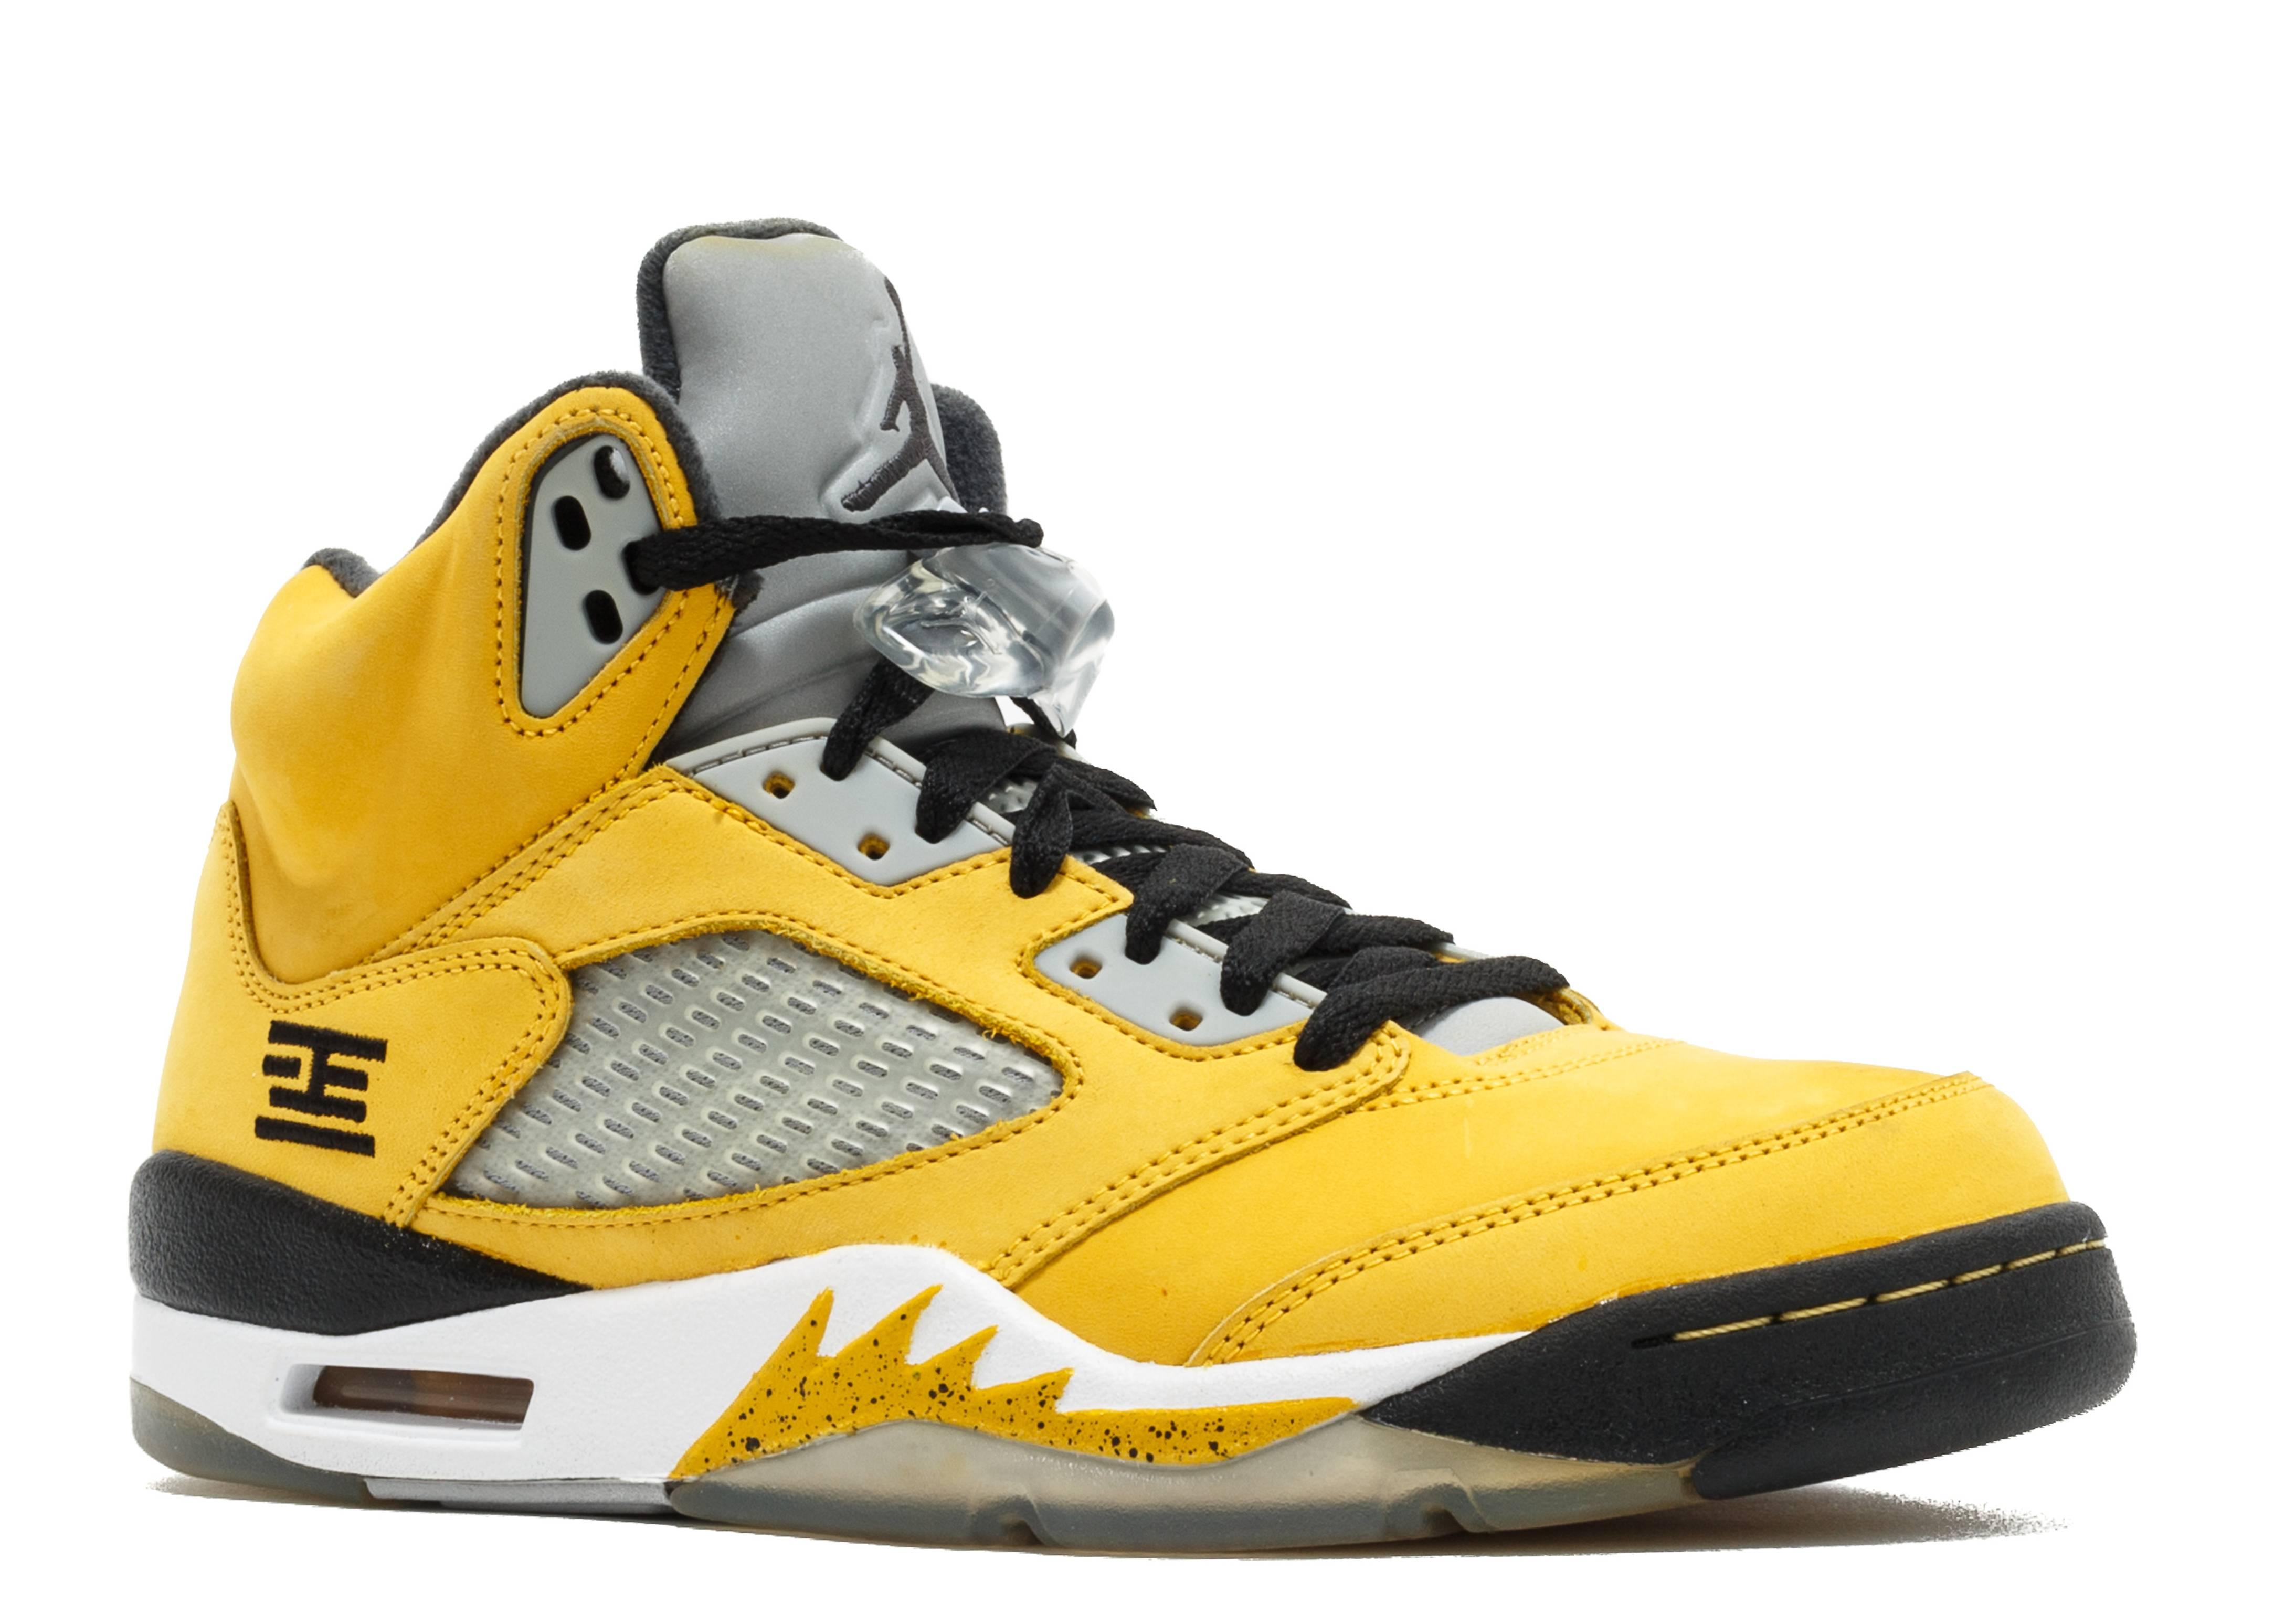 womens air jordan retro 5 grey yellow